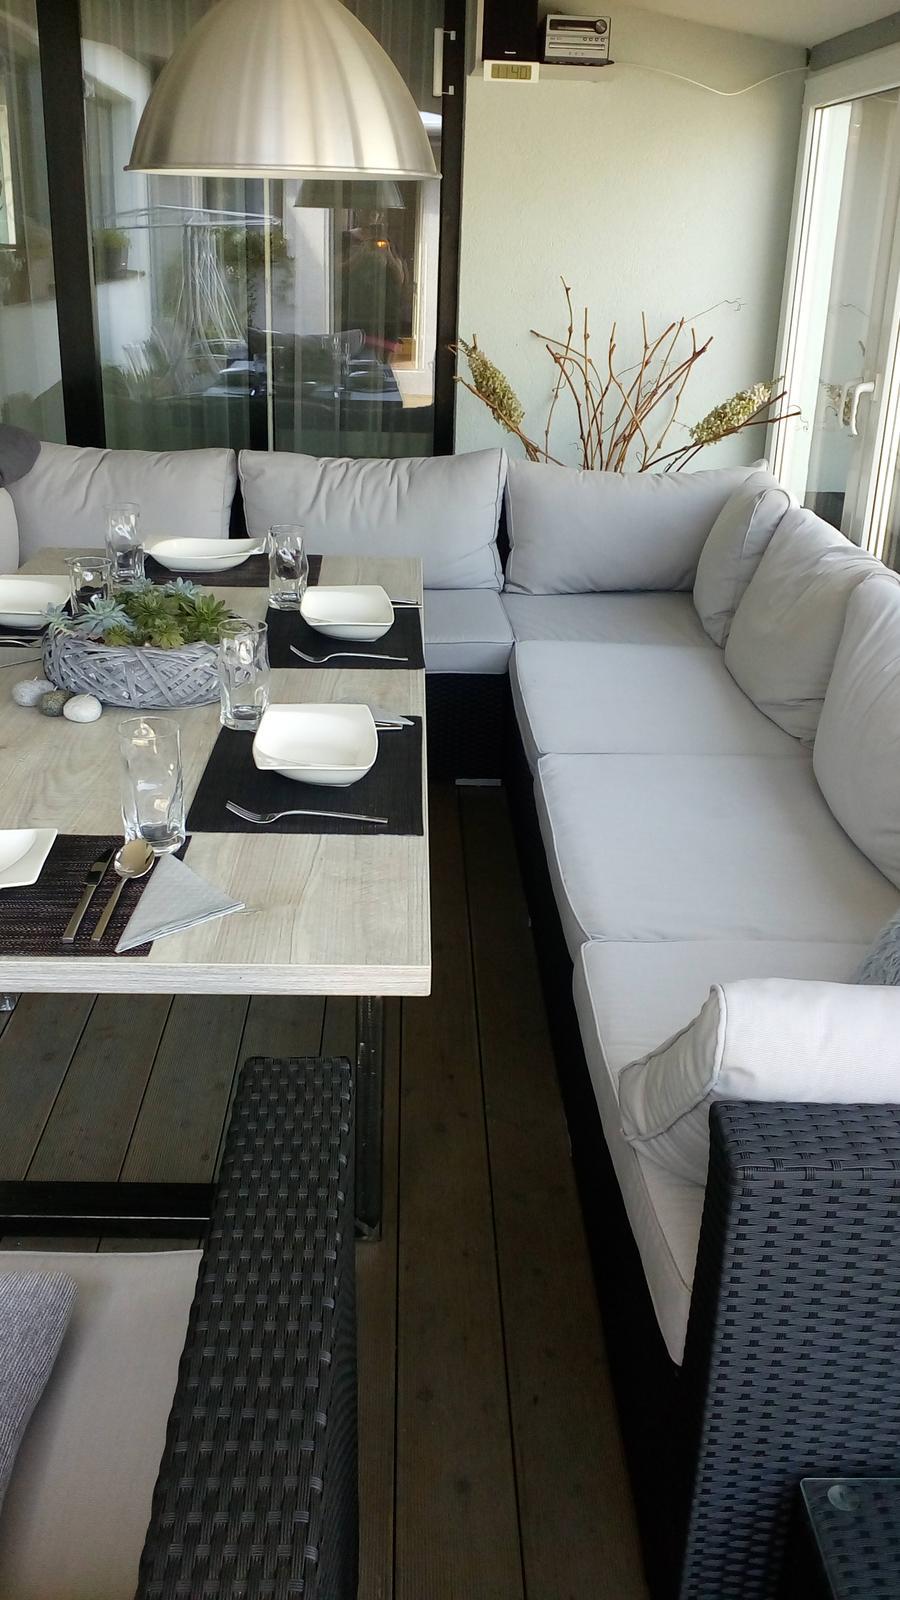 Letní obývák s jídelnou :) - Obrázek č. 1